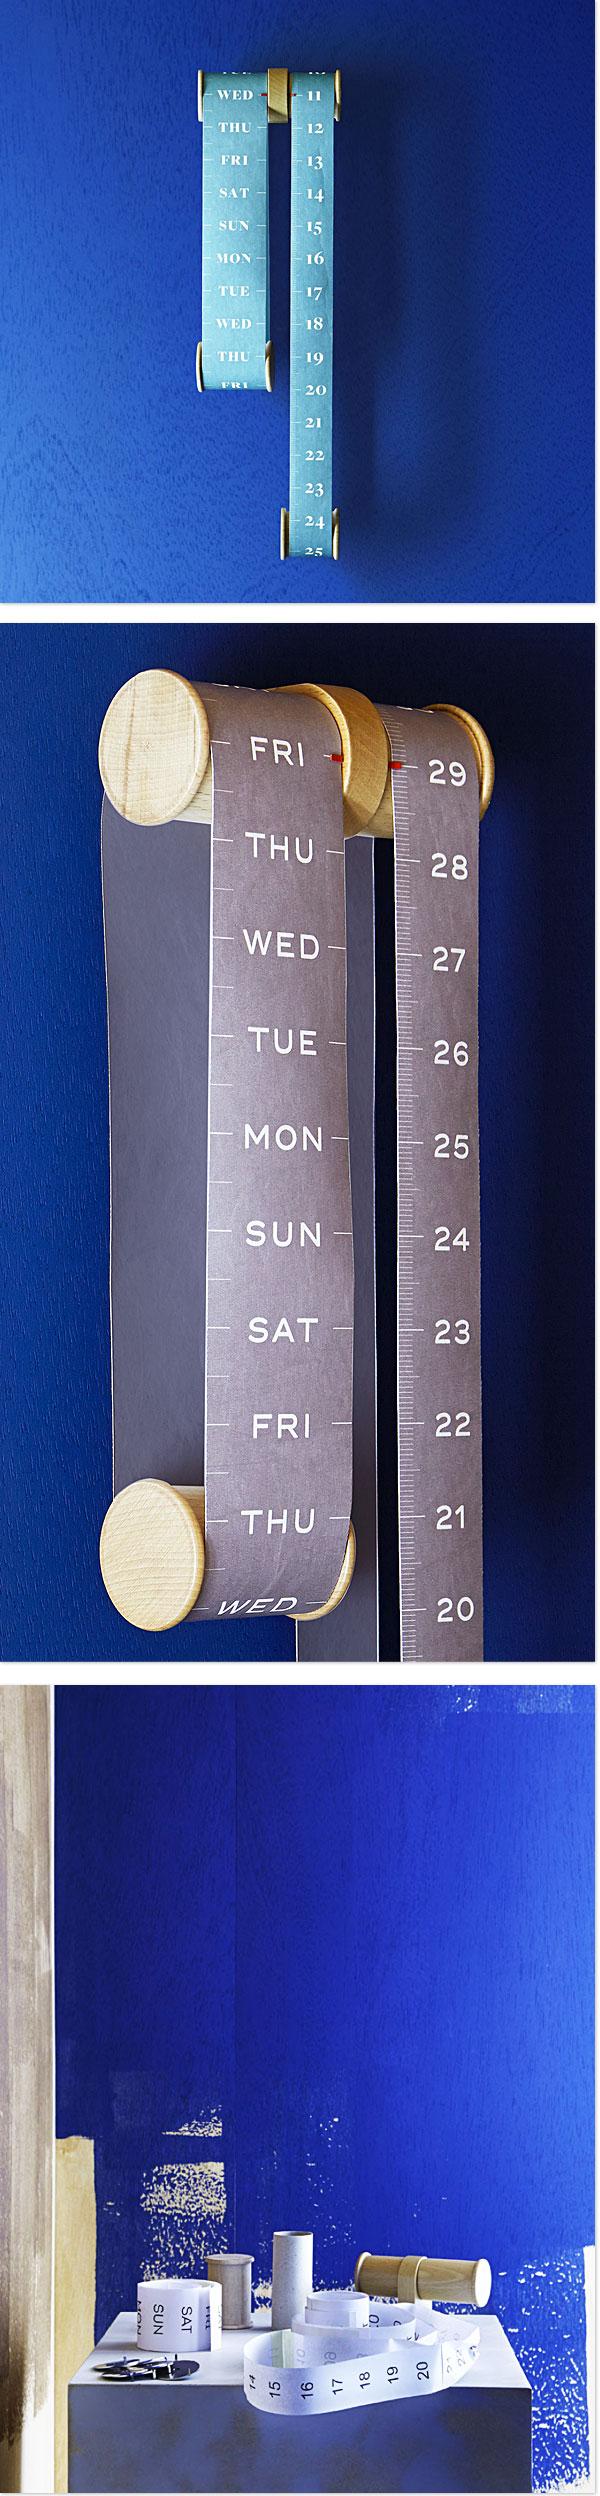 Roll - Kalender von Sovrappensiero